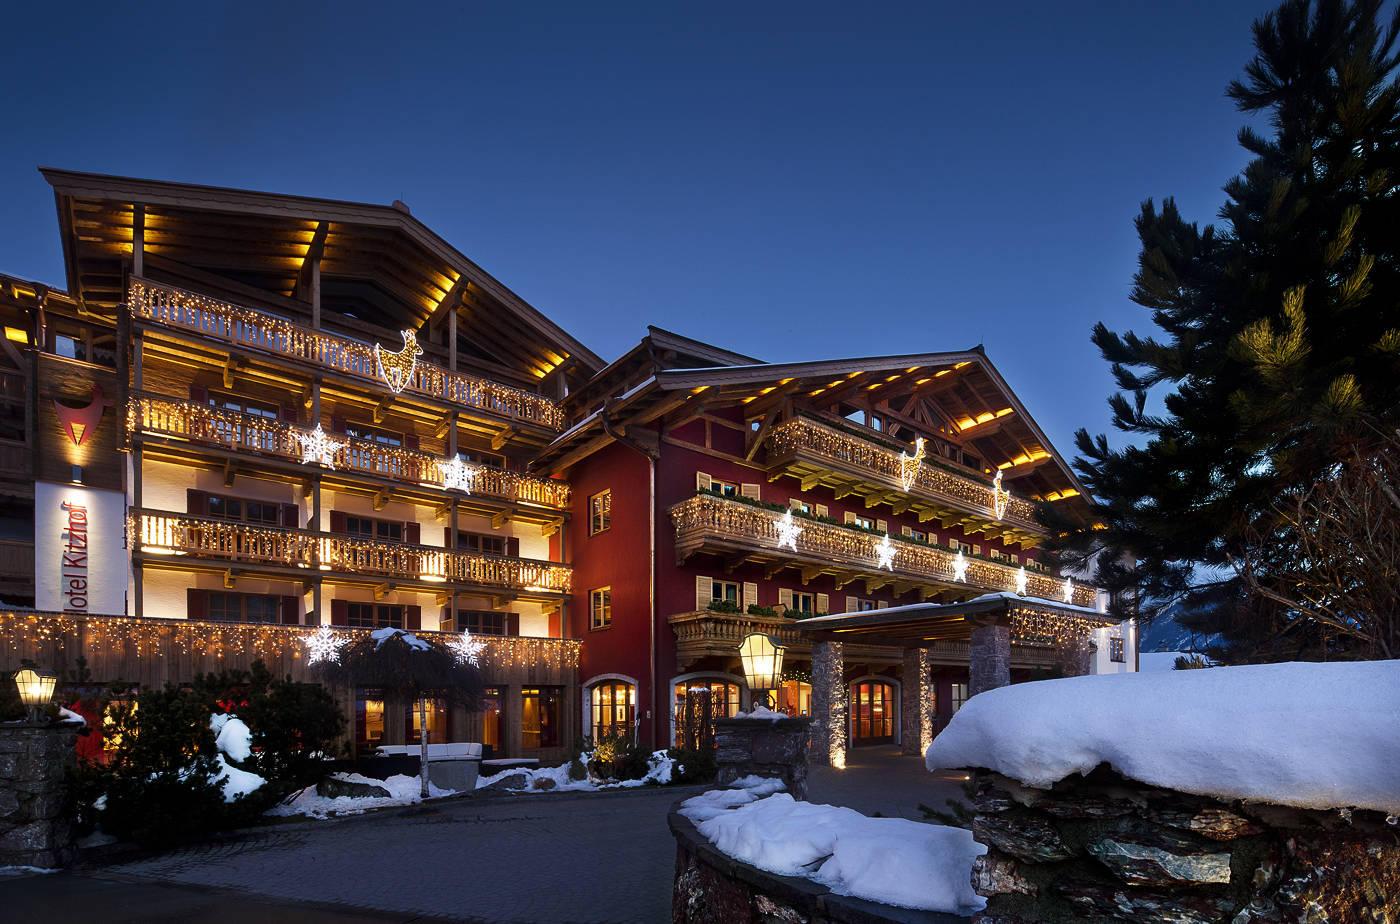 Hotel kitzhof mountain design resort in kitzb hel for Hotel design tirol